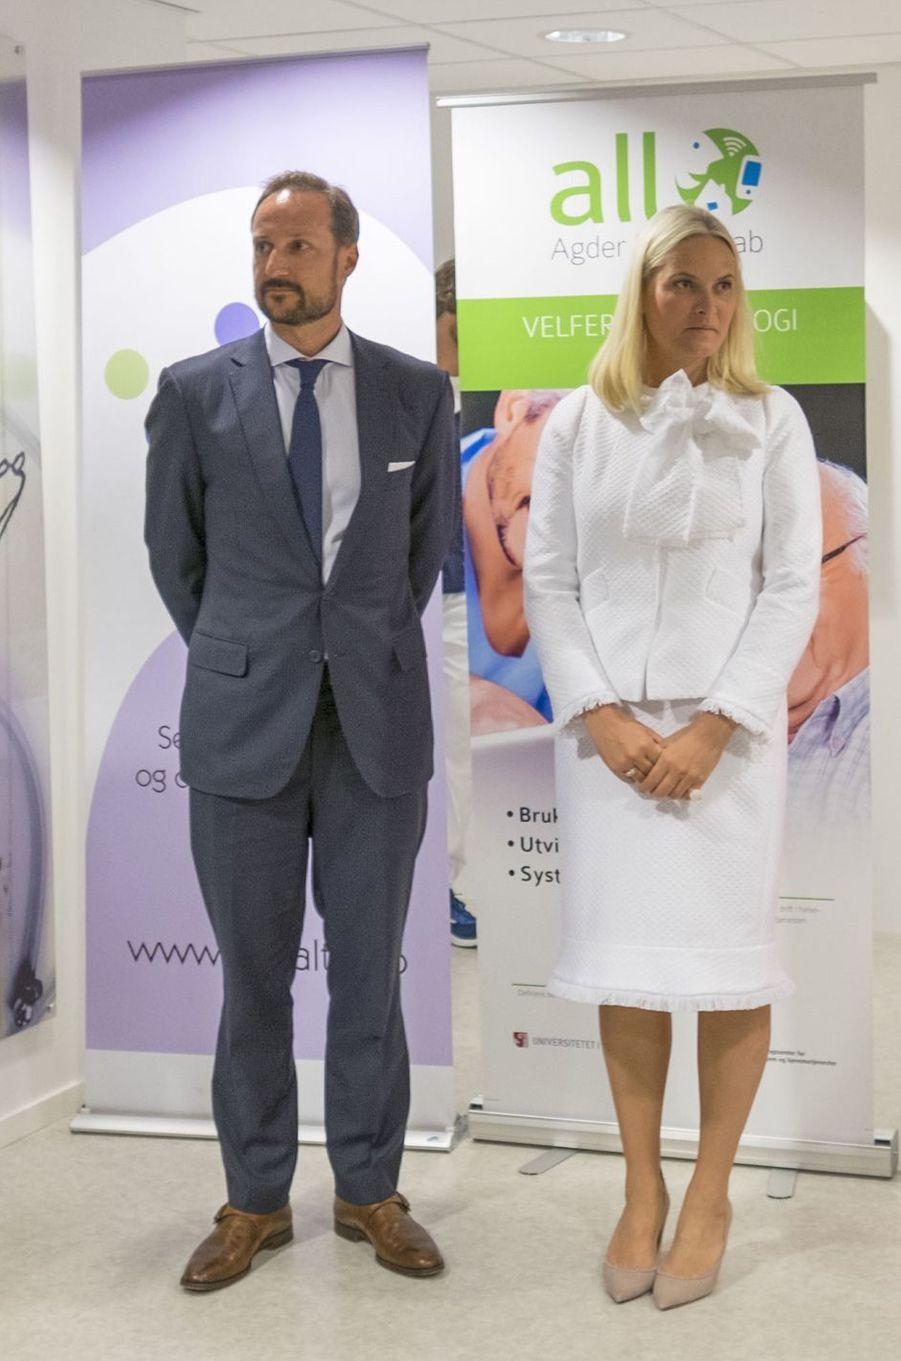 La princesse Mette-Marit et le prince Haakon de Norvège à Glimsdal, le 6 juin 2016